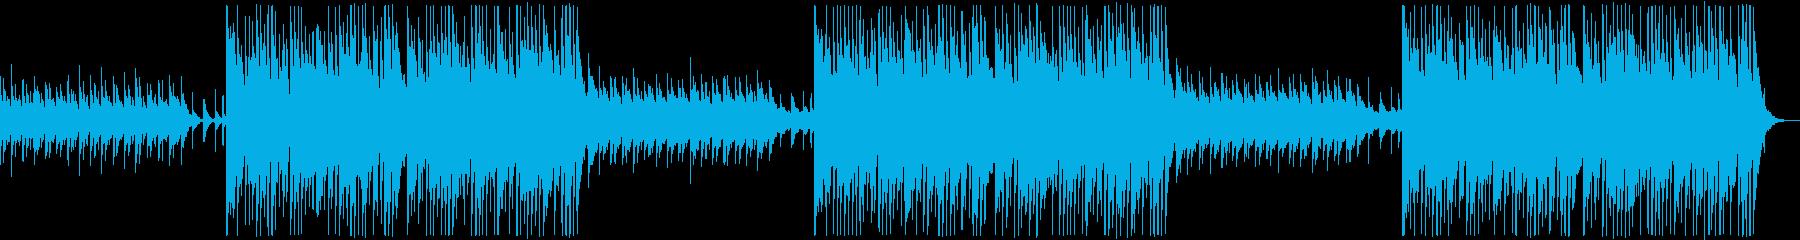 かわいくも不気味なハロウィンのワルツの再生済みの波形